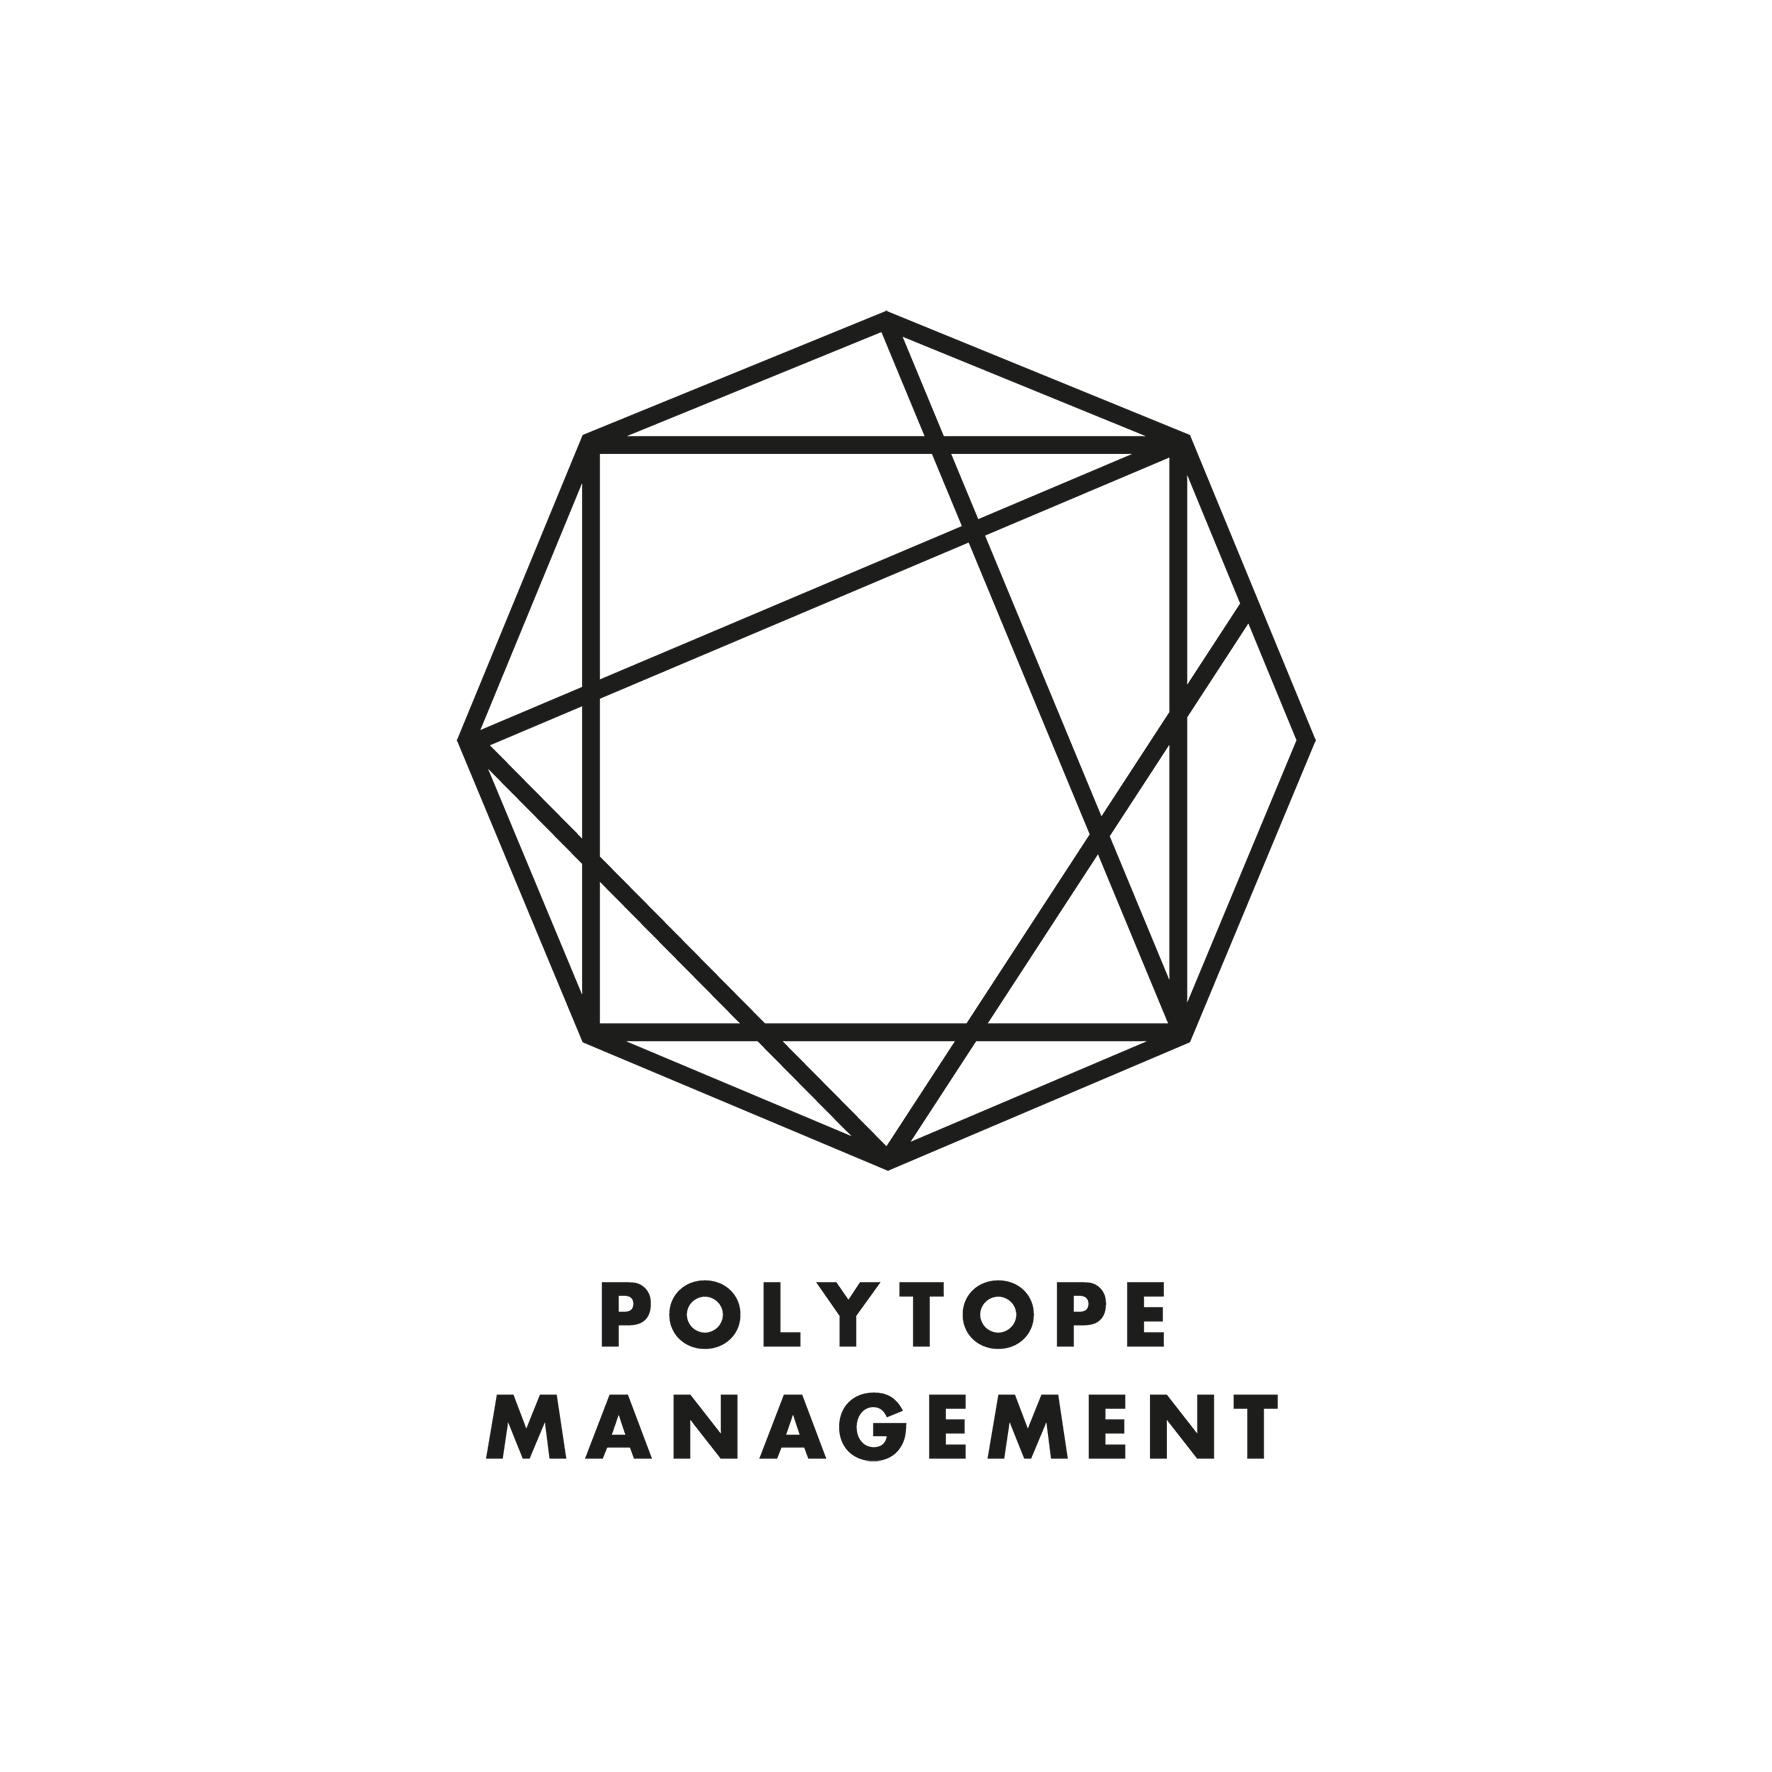 Polytope-Management-white.jpg